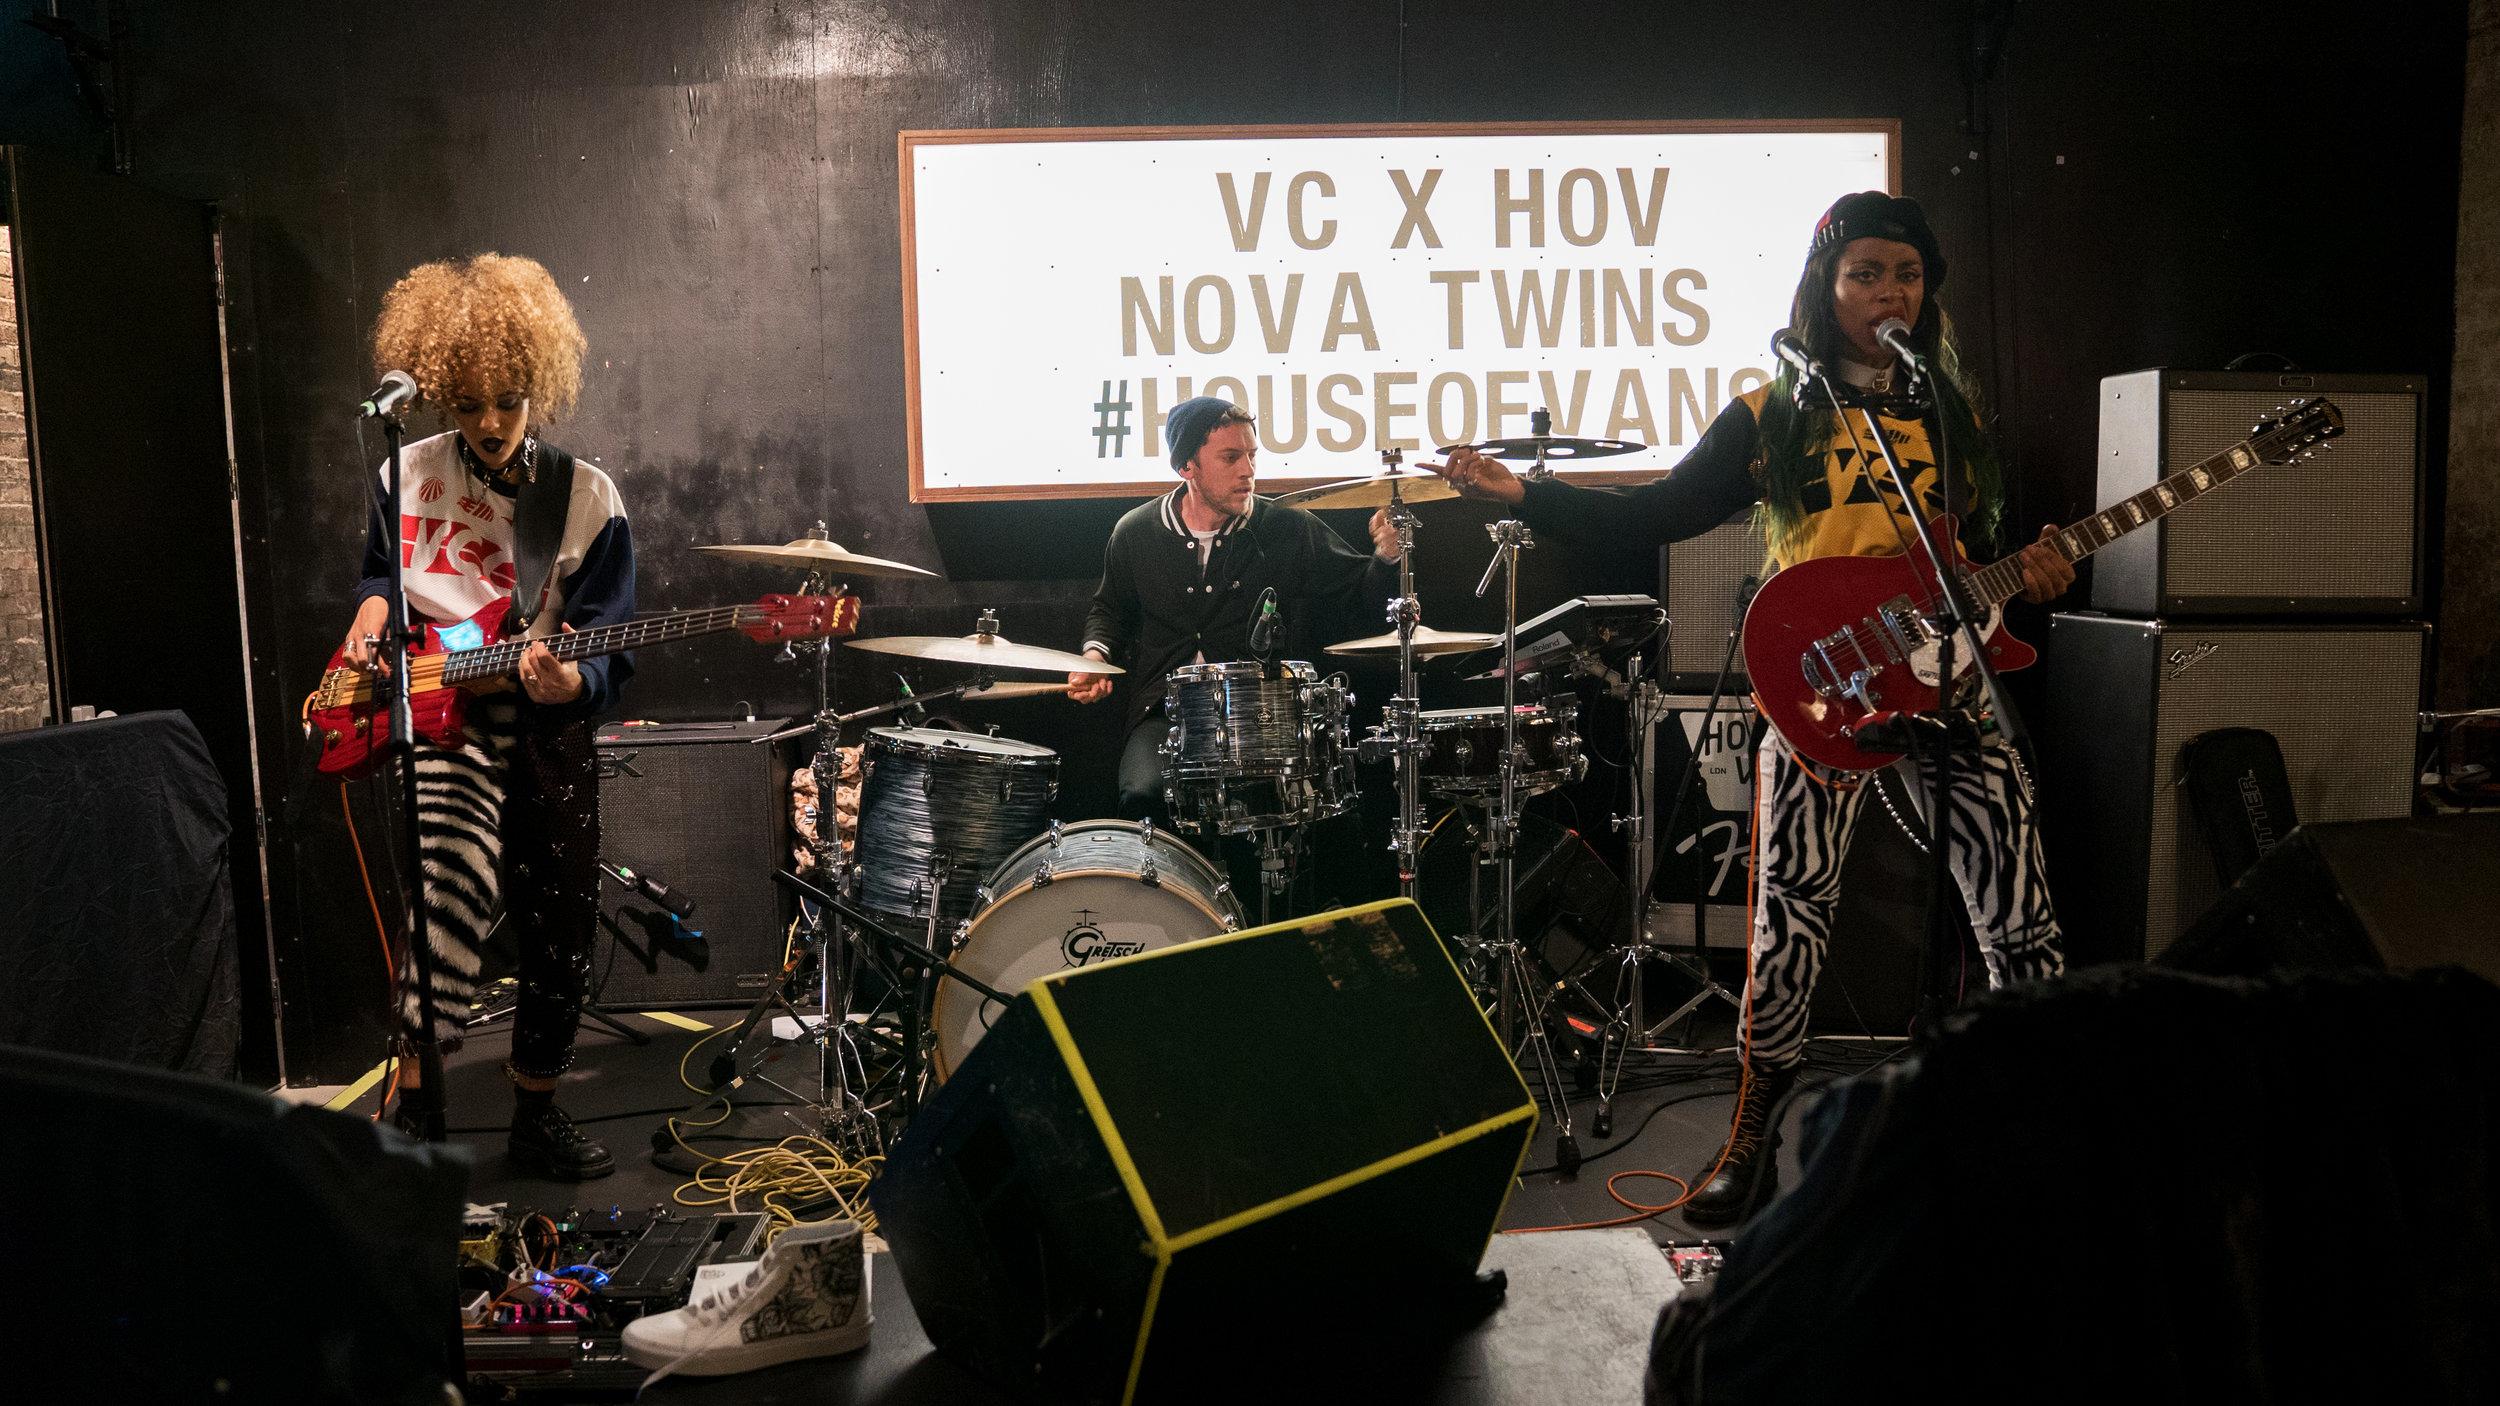 THE NOVA TWINS BY SARAH EMMA SMITH